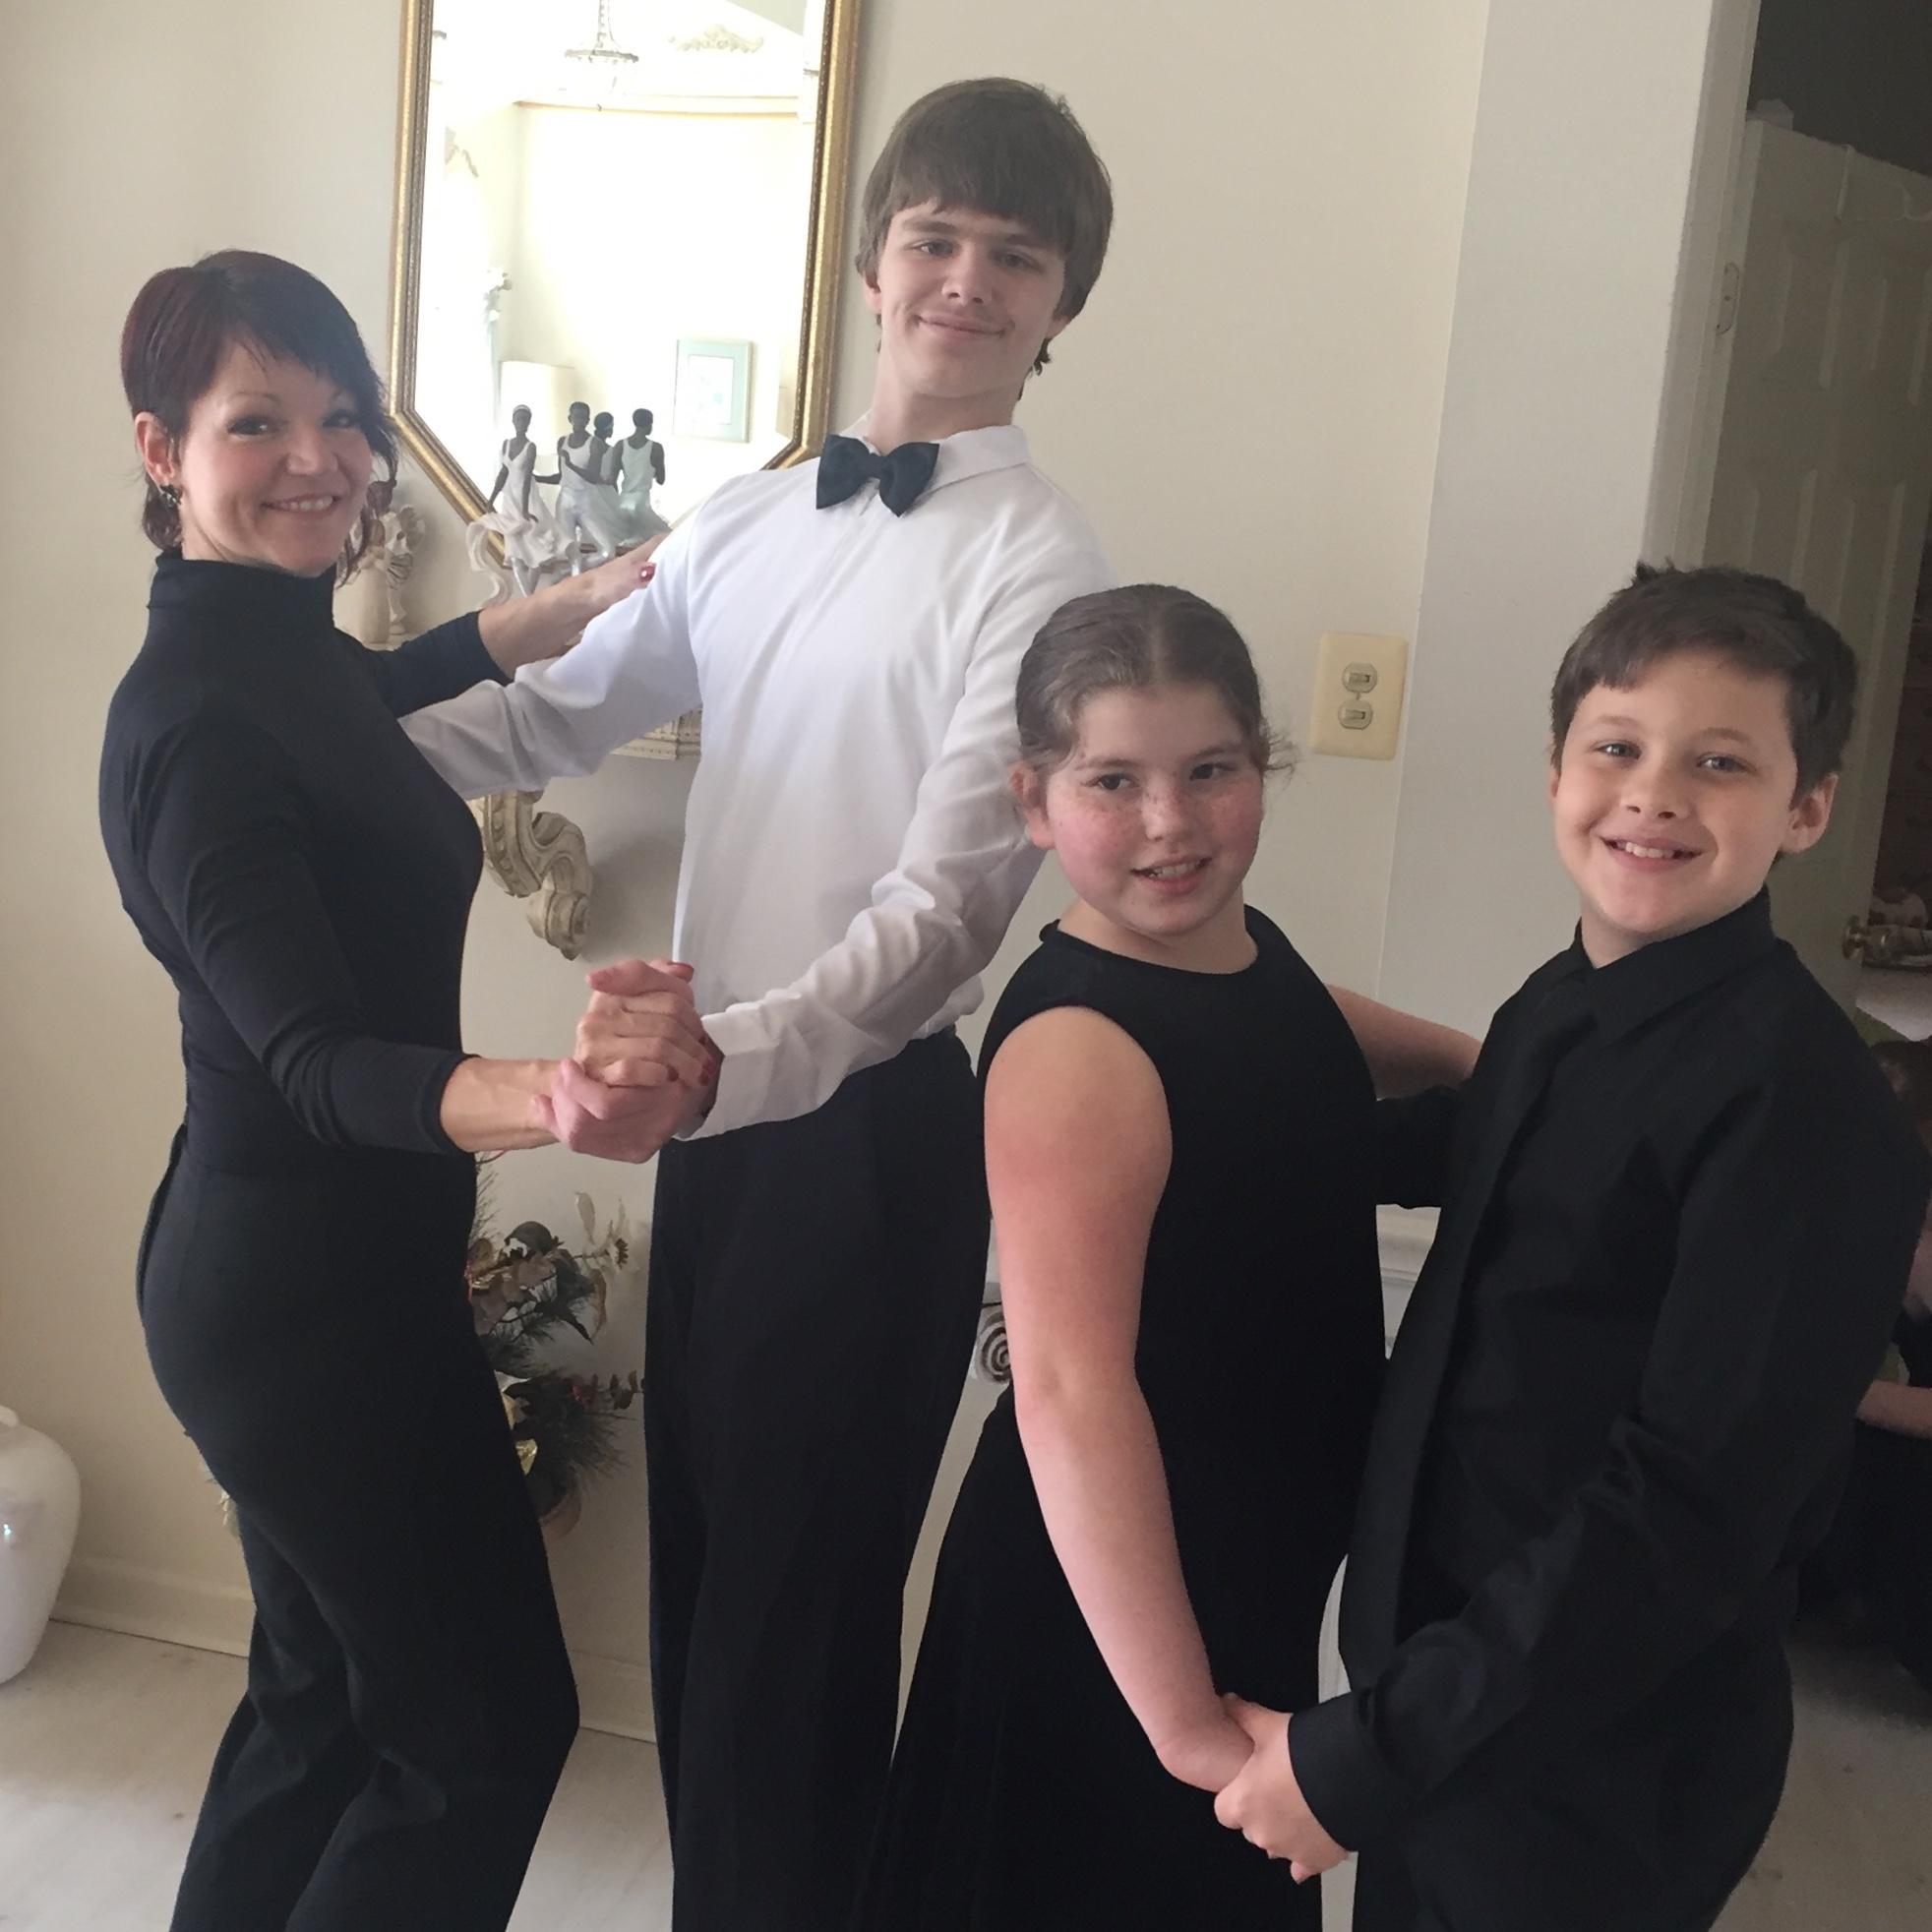 annapolis-dance-academy-1555258868.jpeg